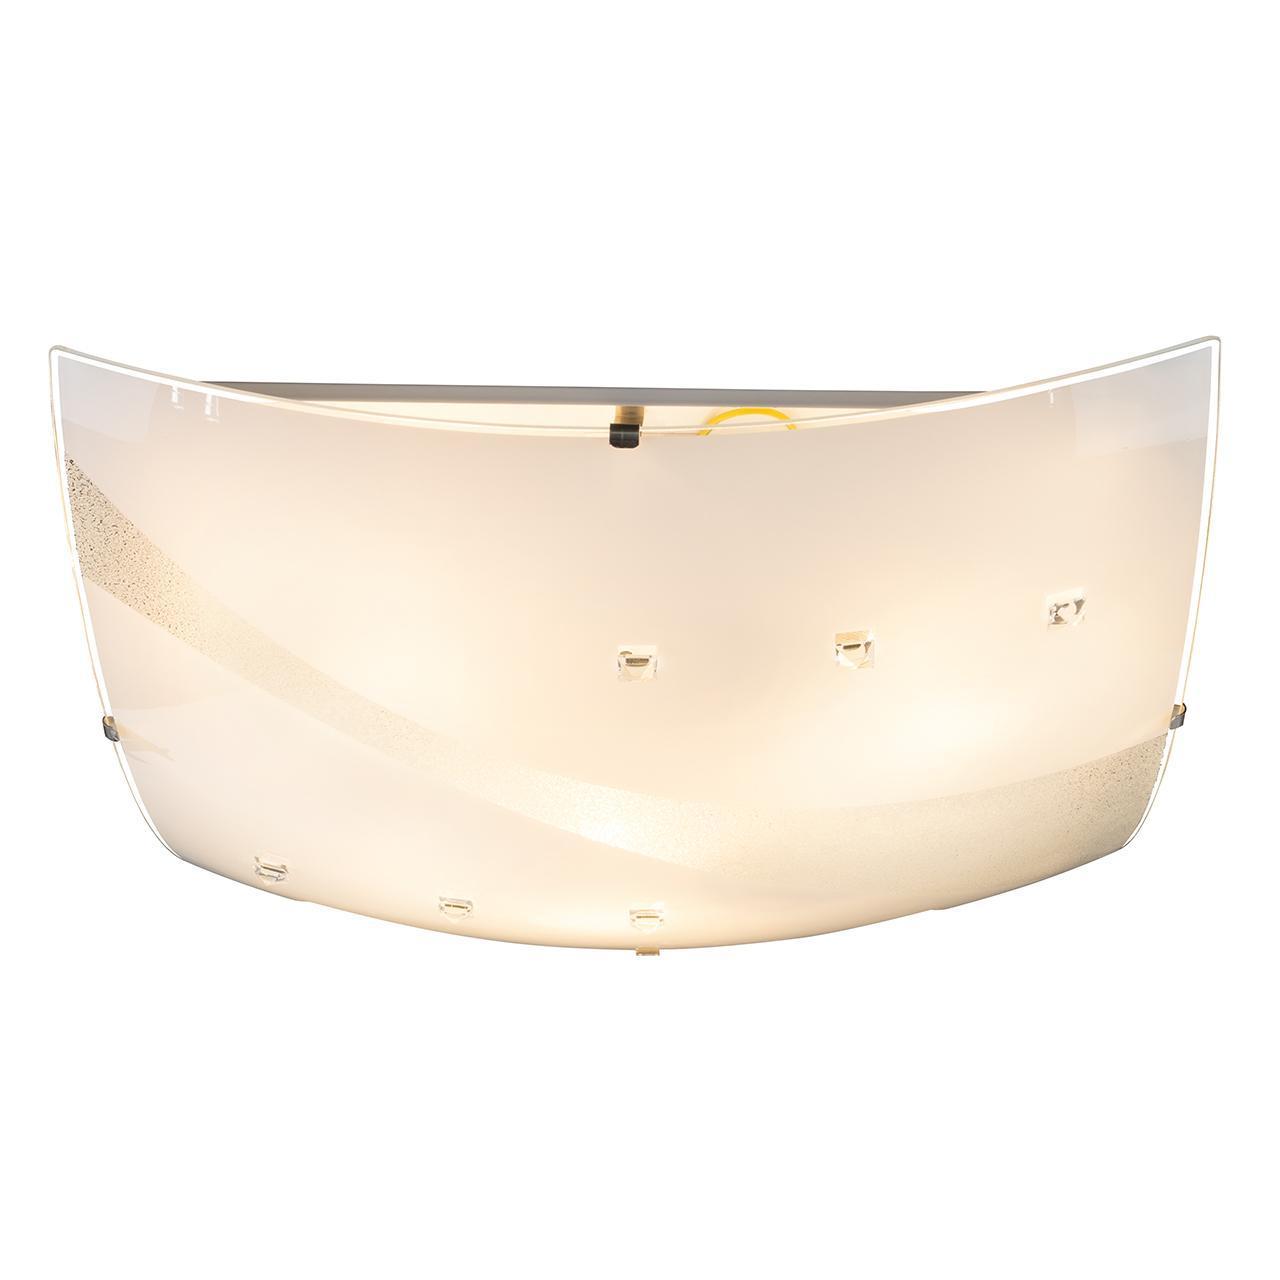 Настенно-потолочный светильник Globo Koro 40392-3 настенно потолочный светильник globo taveuni 40393 3